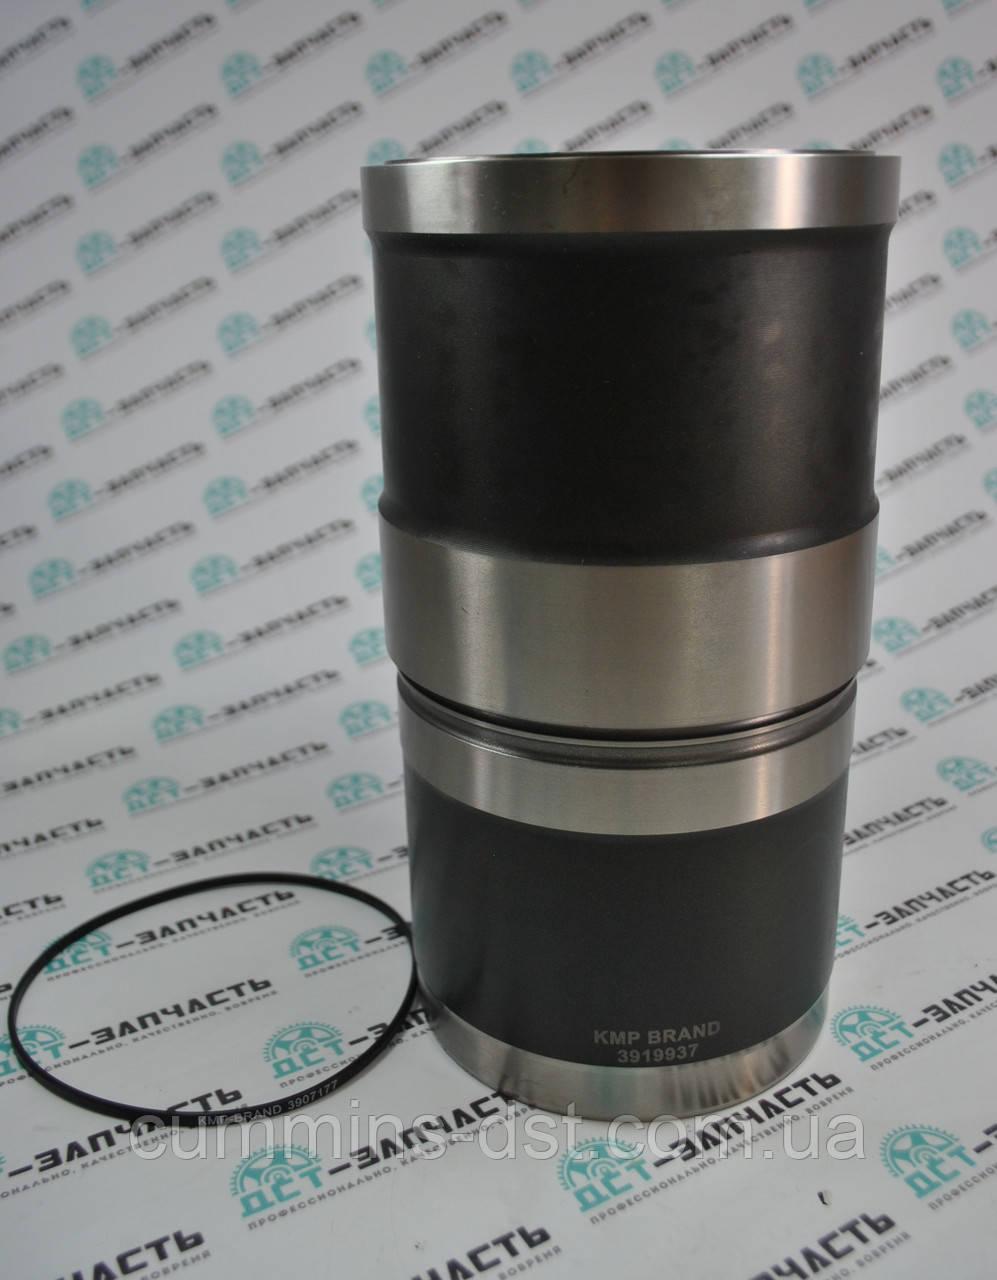 3802407/3919937/J919937 Гильза длинная для Cummins 6CT QSC8.3/ISC8.9/QSL9